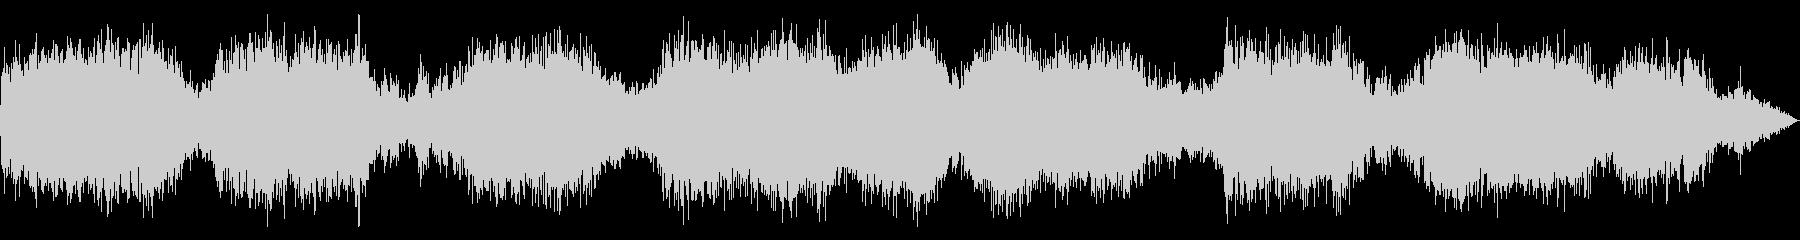 美しい虫の音の未再生の波形